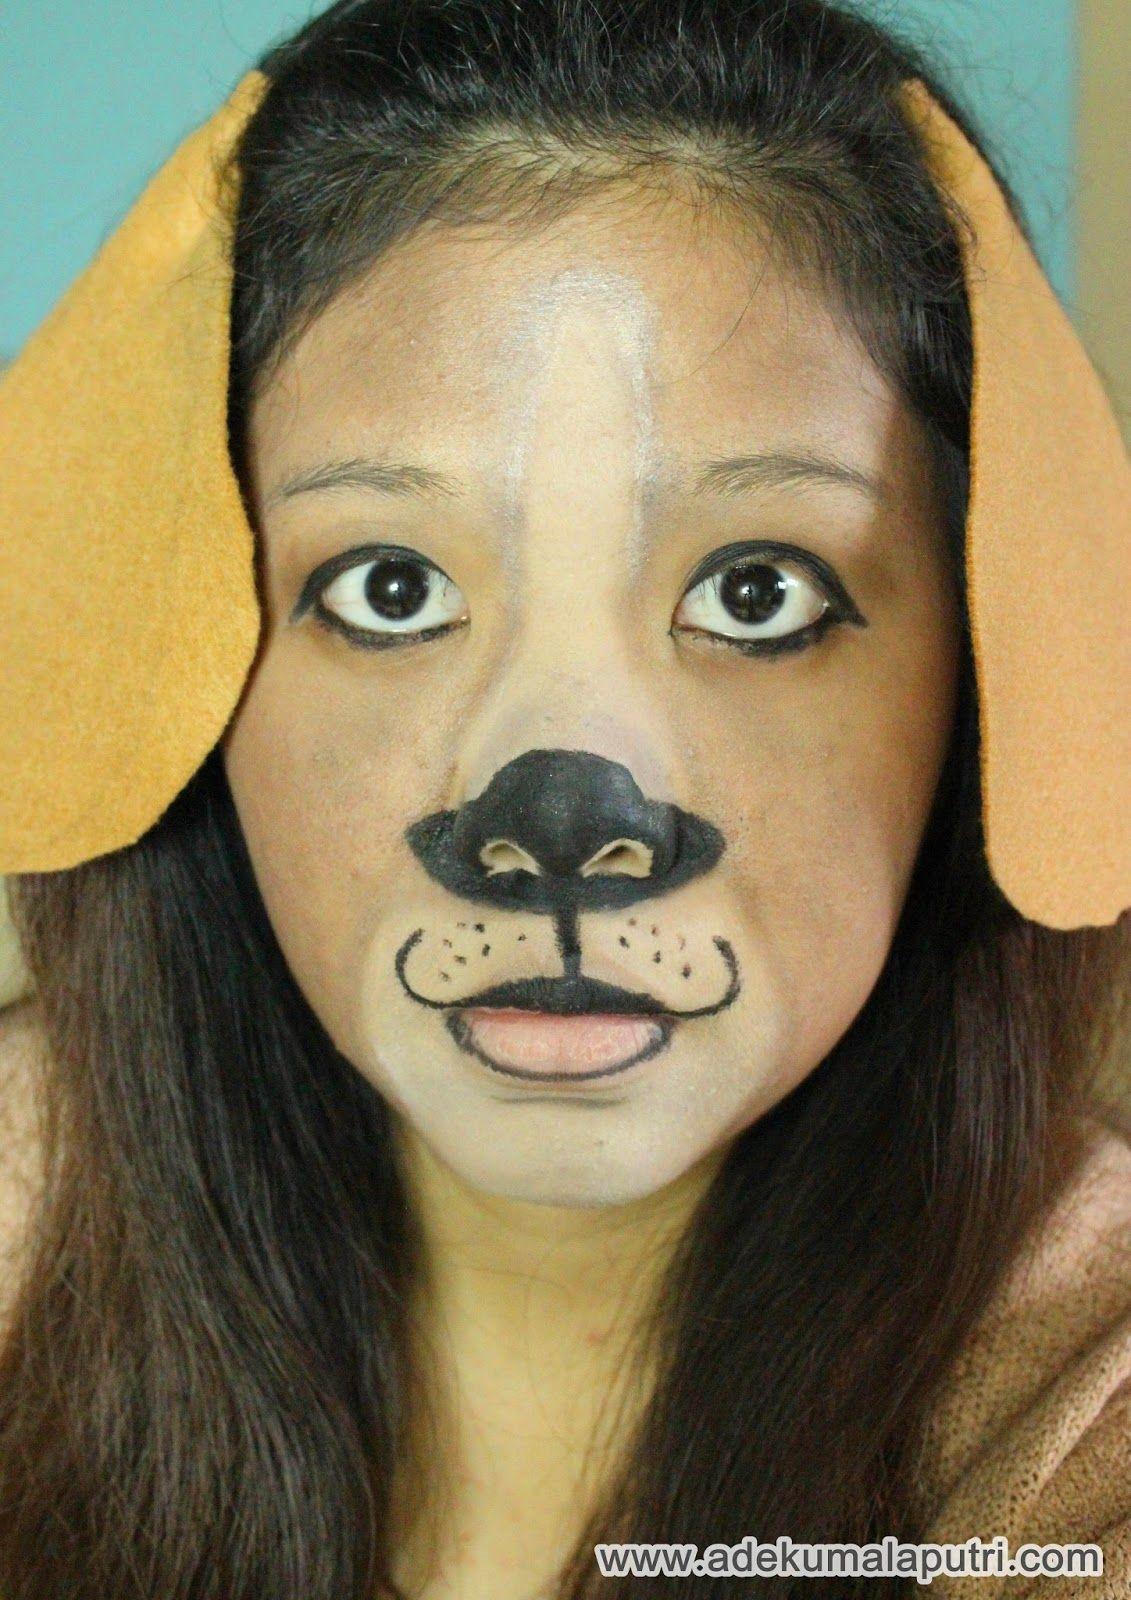 Dog makeup